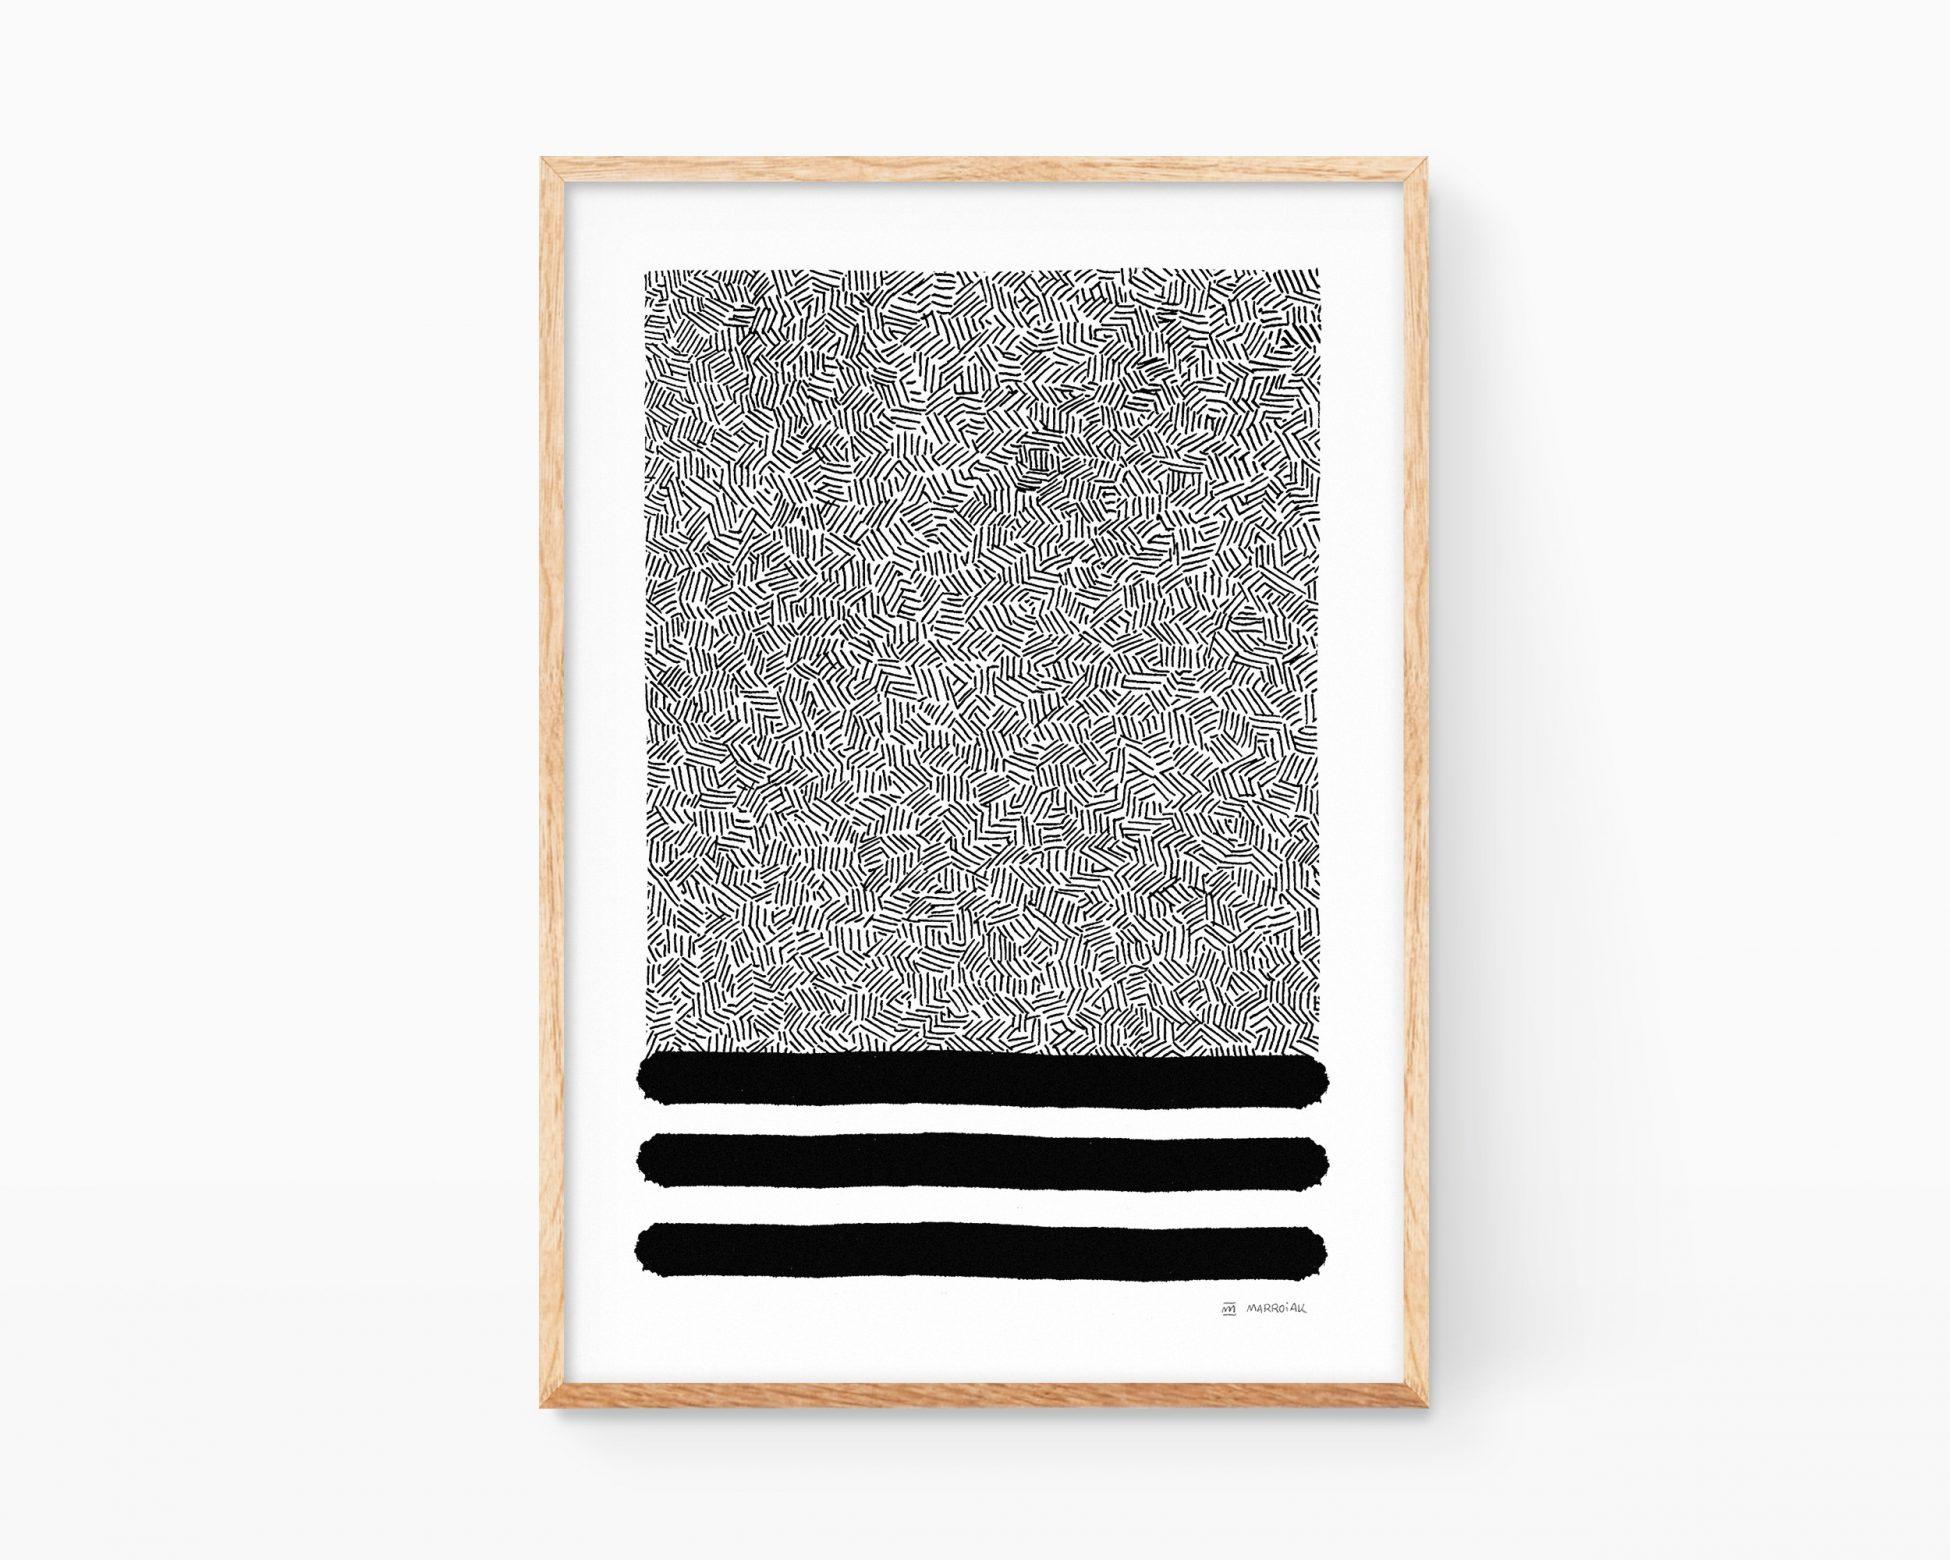 Lámina decorativa con una composión abstracta minimalista. Decoración elegante y nórdica.